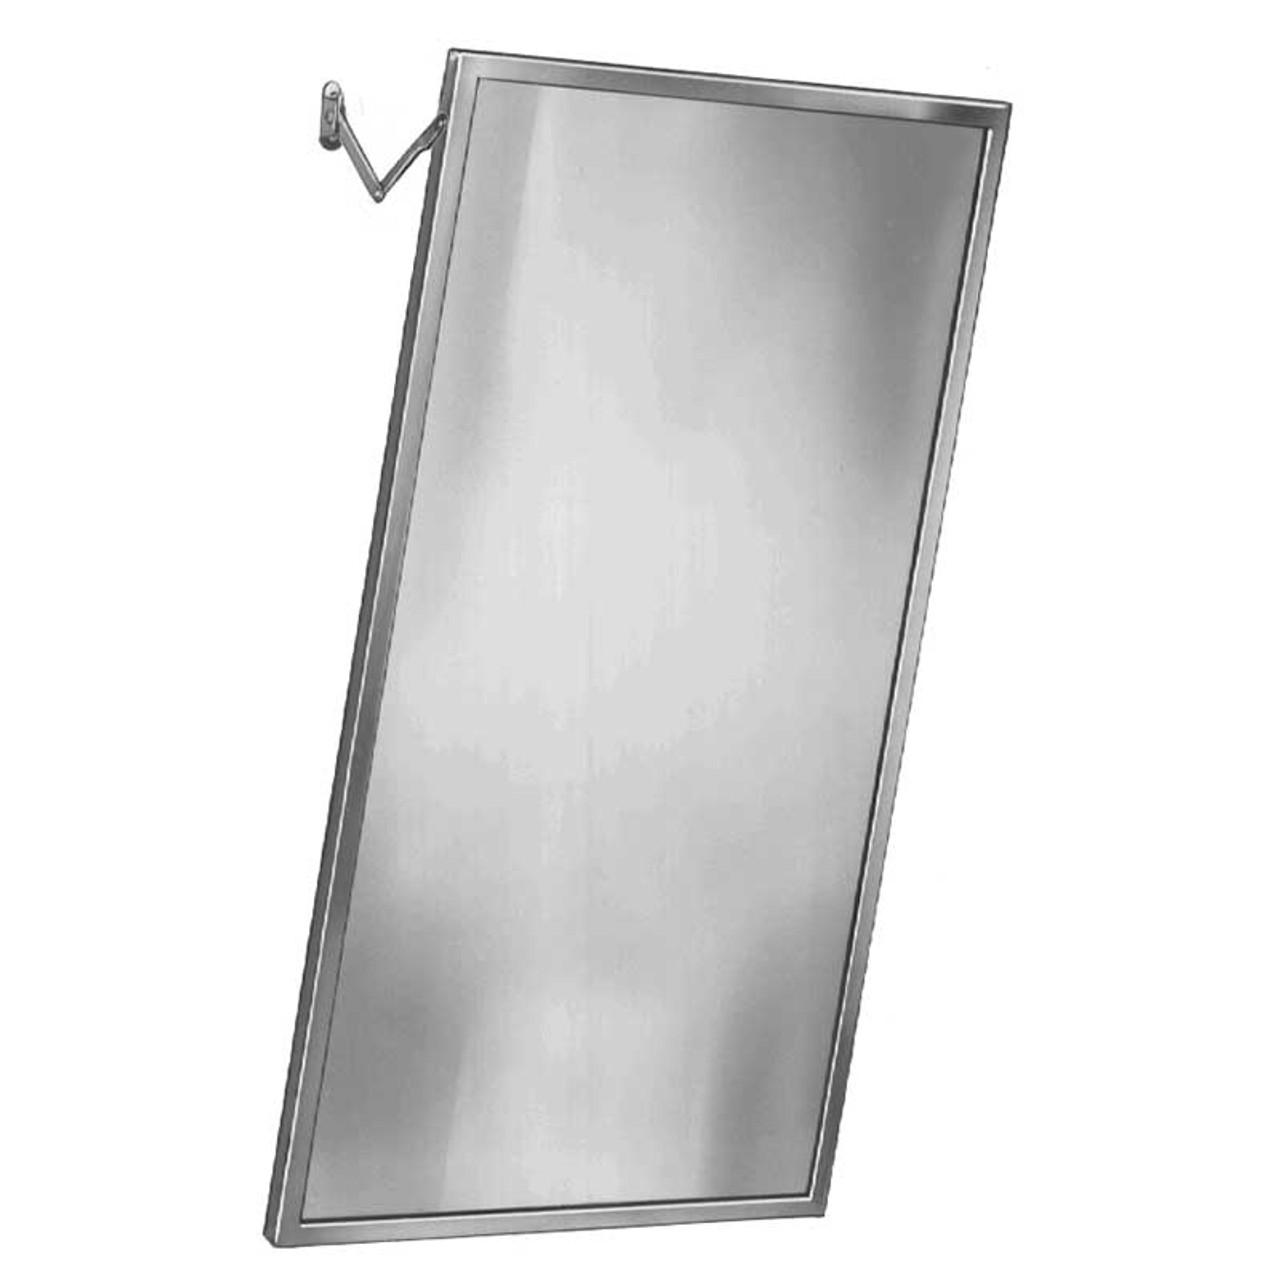 Bradley Adjustable Tilt Stainless Steel Frame Mirror